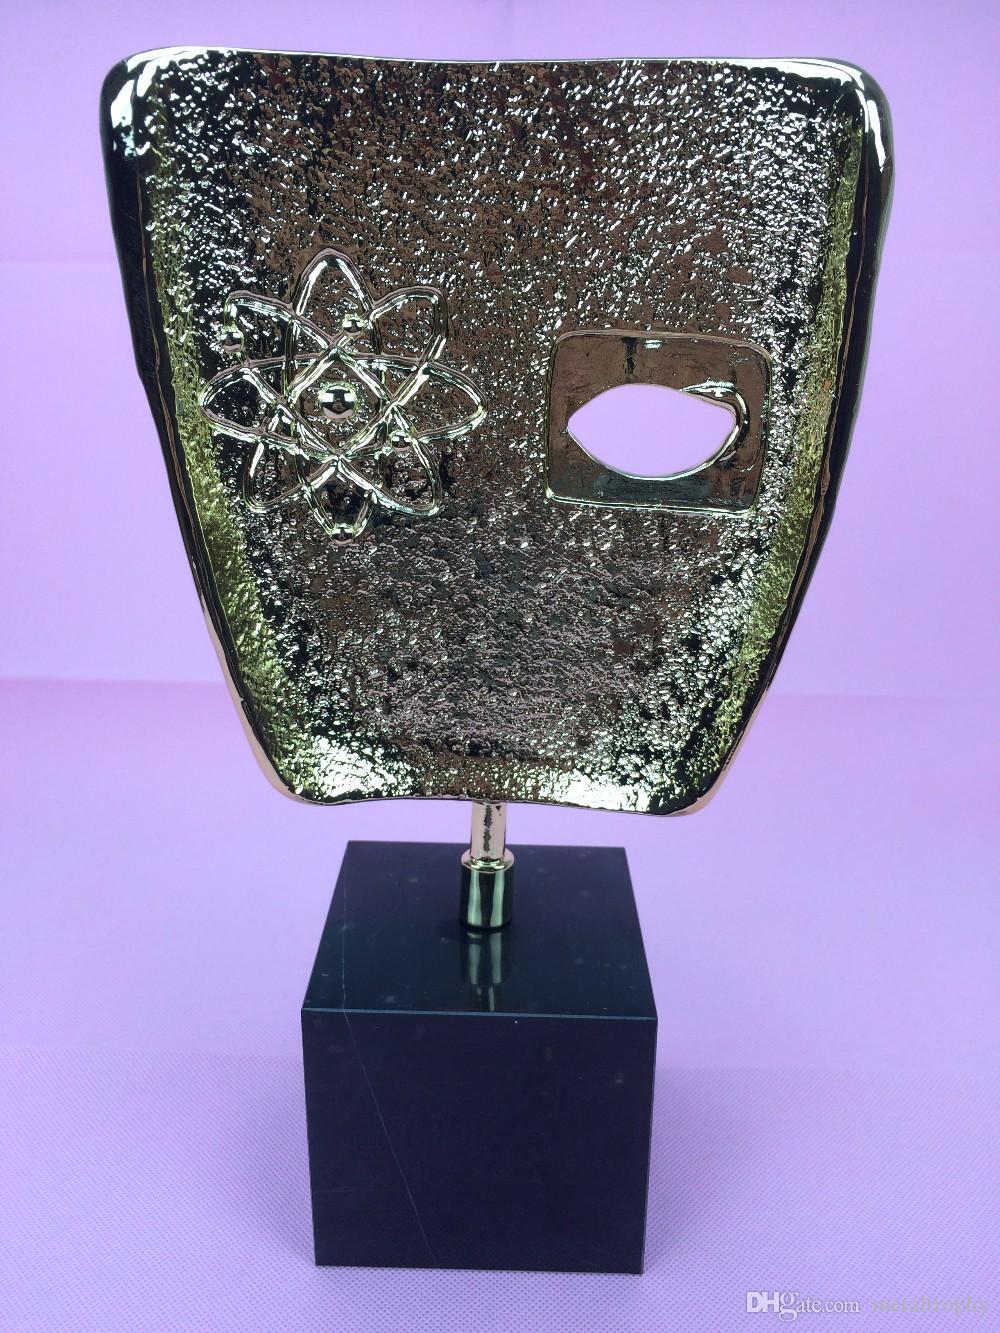 Troféu BAFTA Award, troféu do Metal BAFTA, troféu do Britsish Academy Film, cor dourada ou dourada e base preta